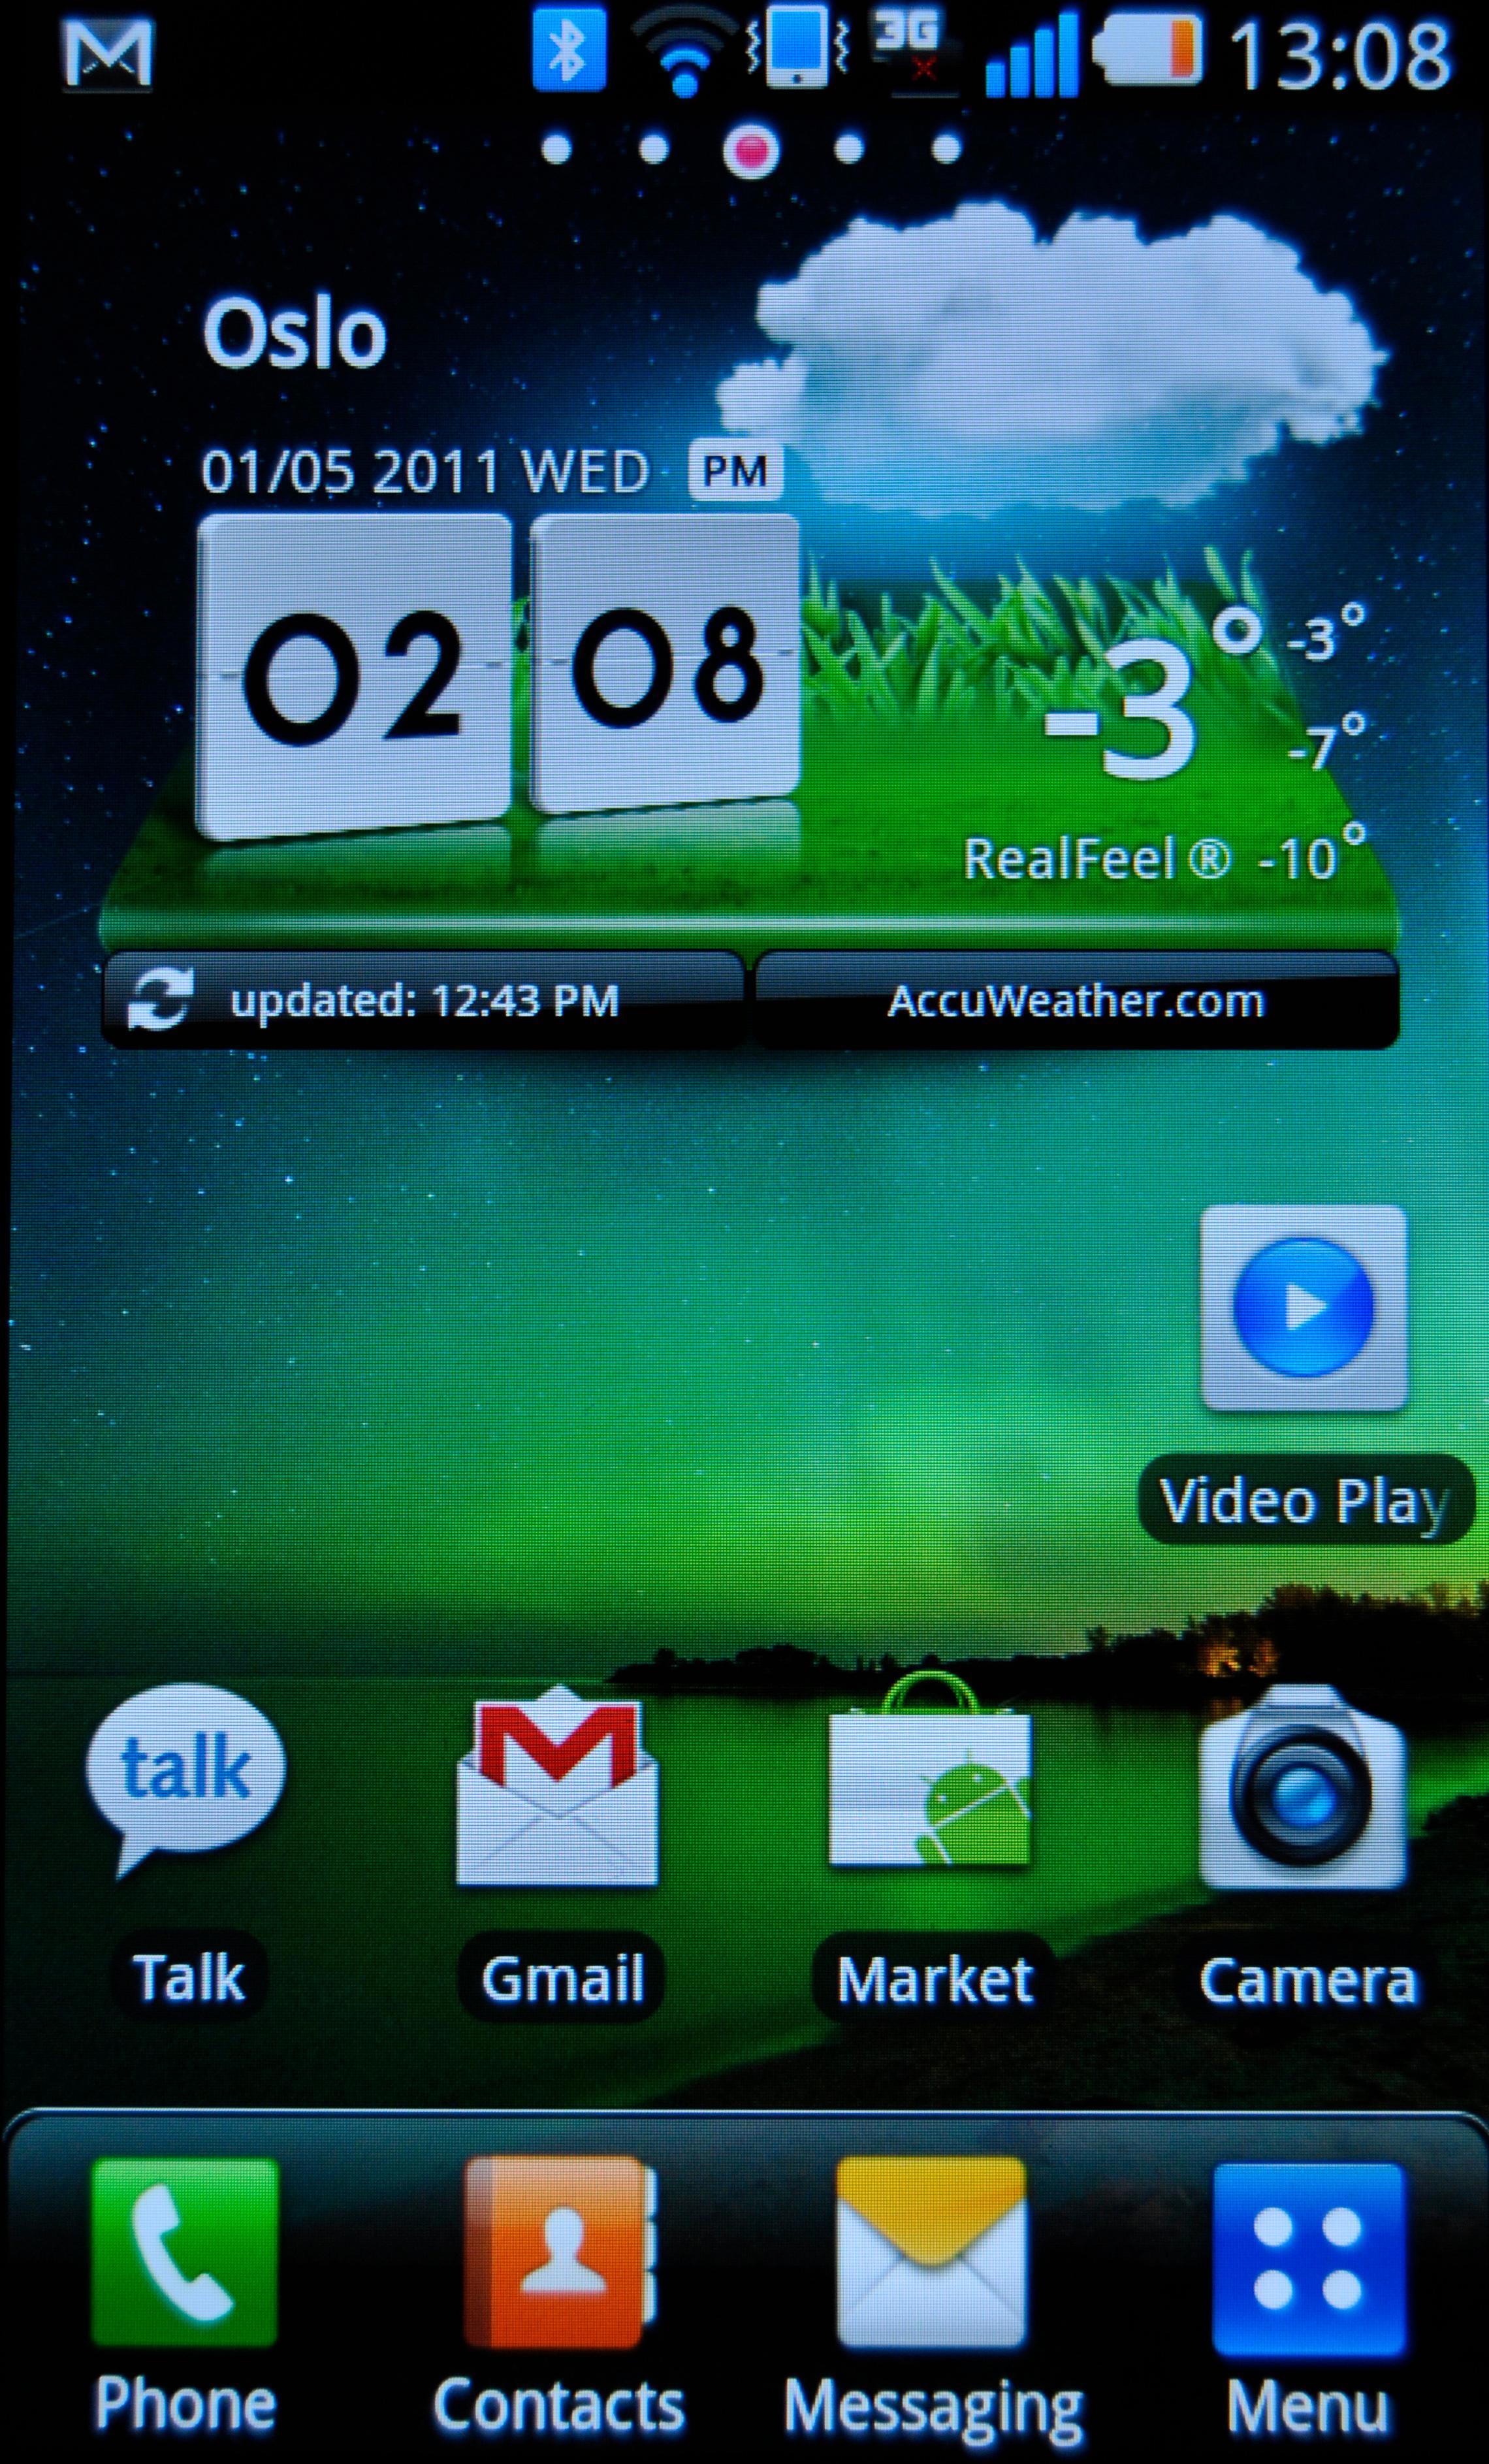 LG har gjort noen grafiske tilpasninger i menysystemet. Man skal også kunne velge vanlig Android uten LGs tilpasninger.